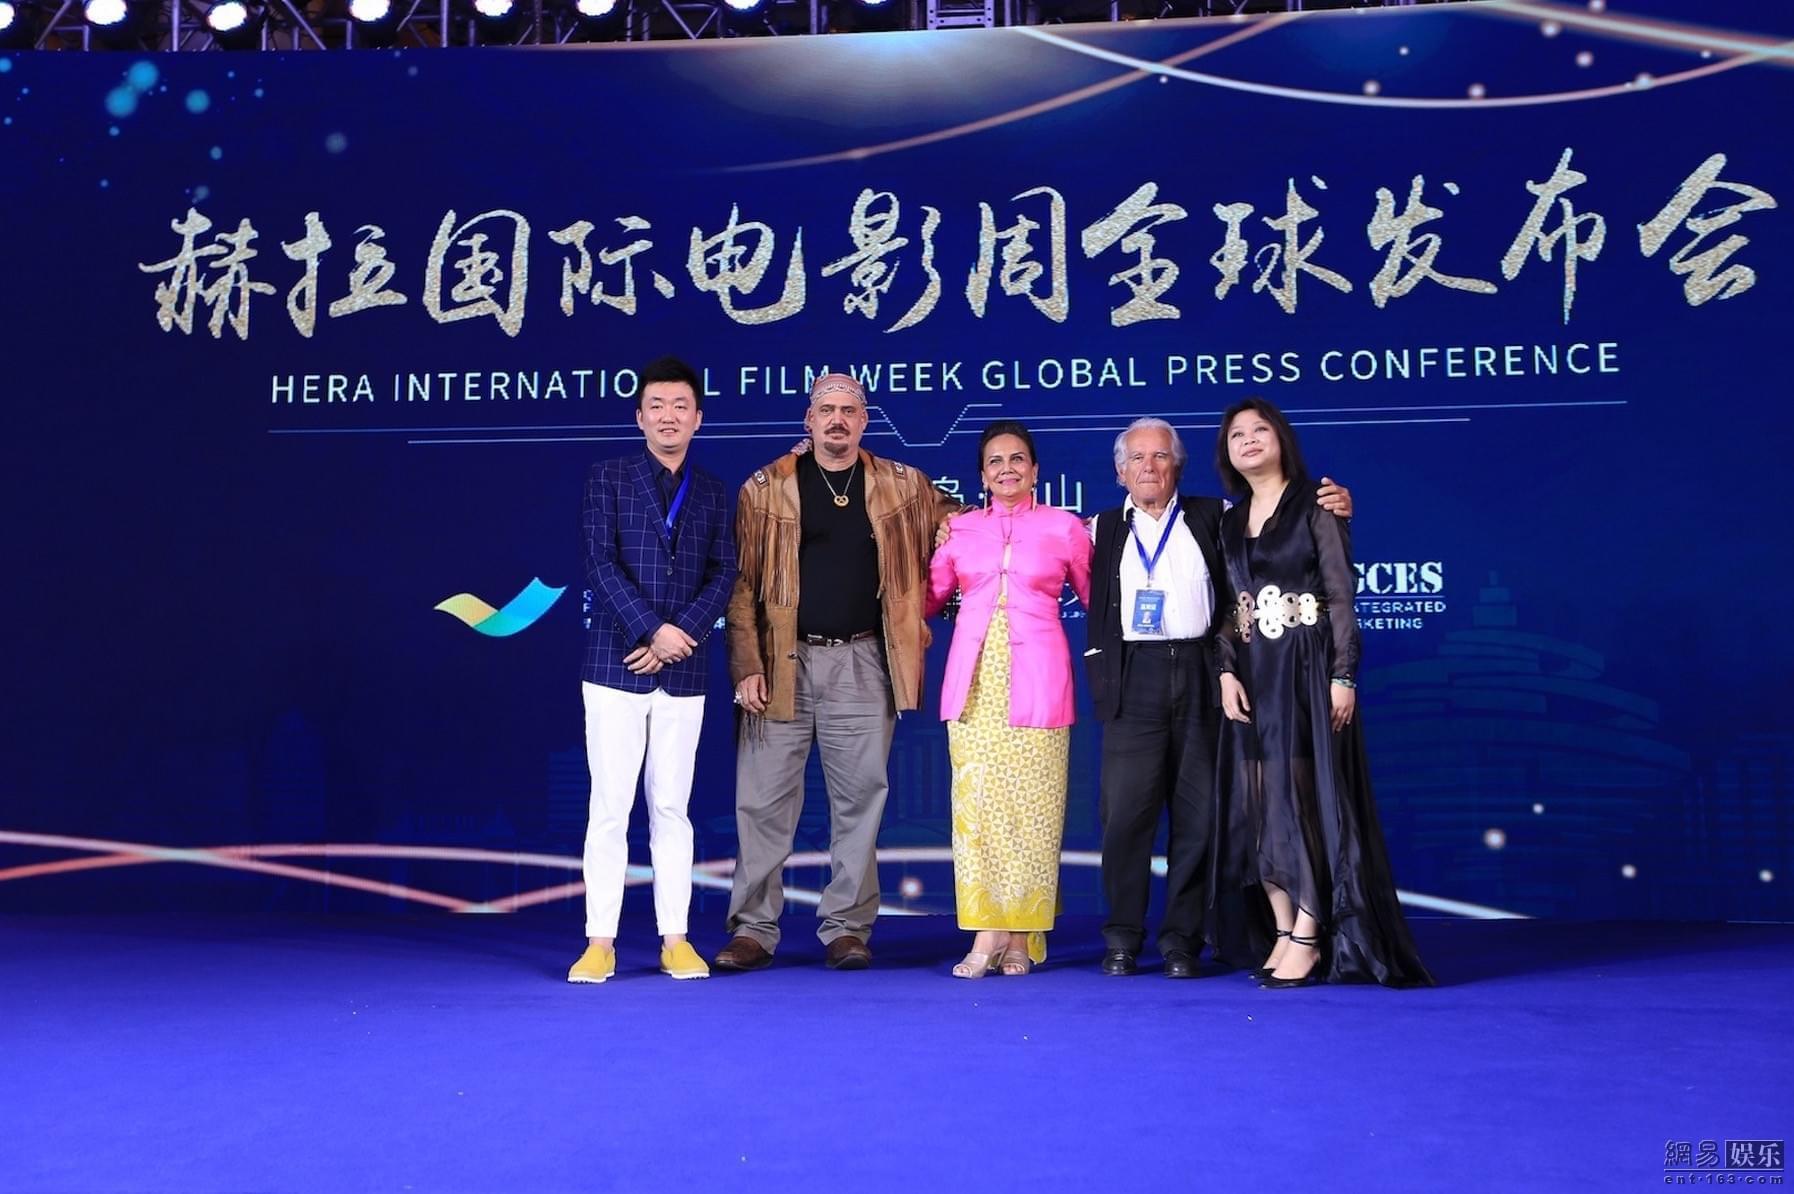 赫拉国际电影周亮相青岛汇聚全球优秀电影人